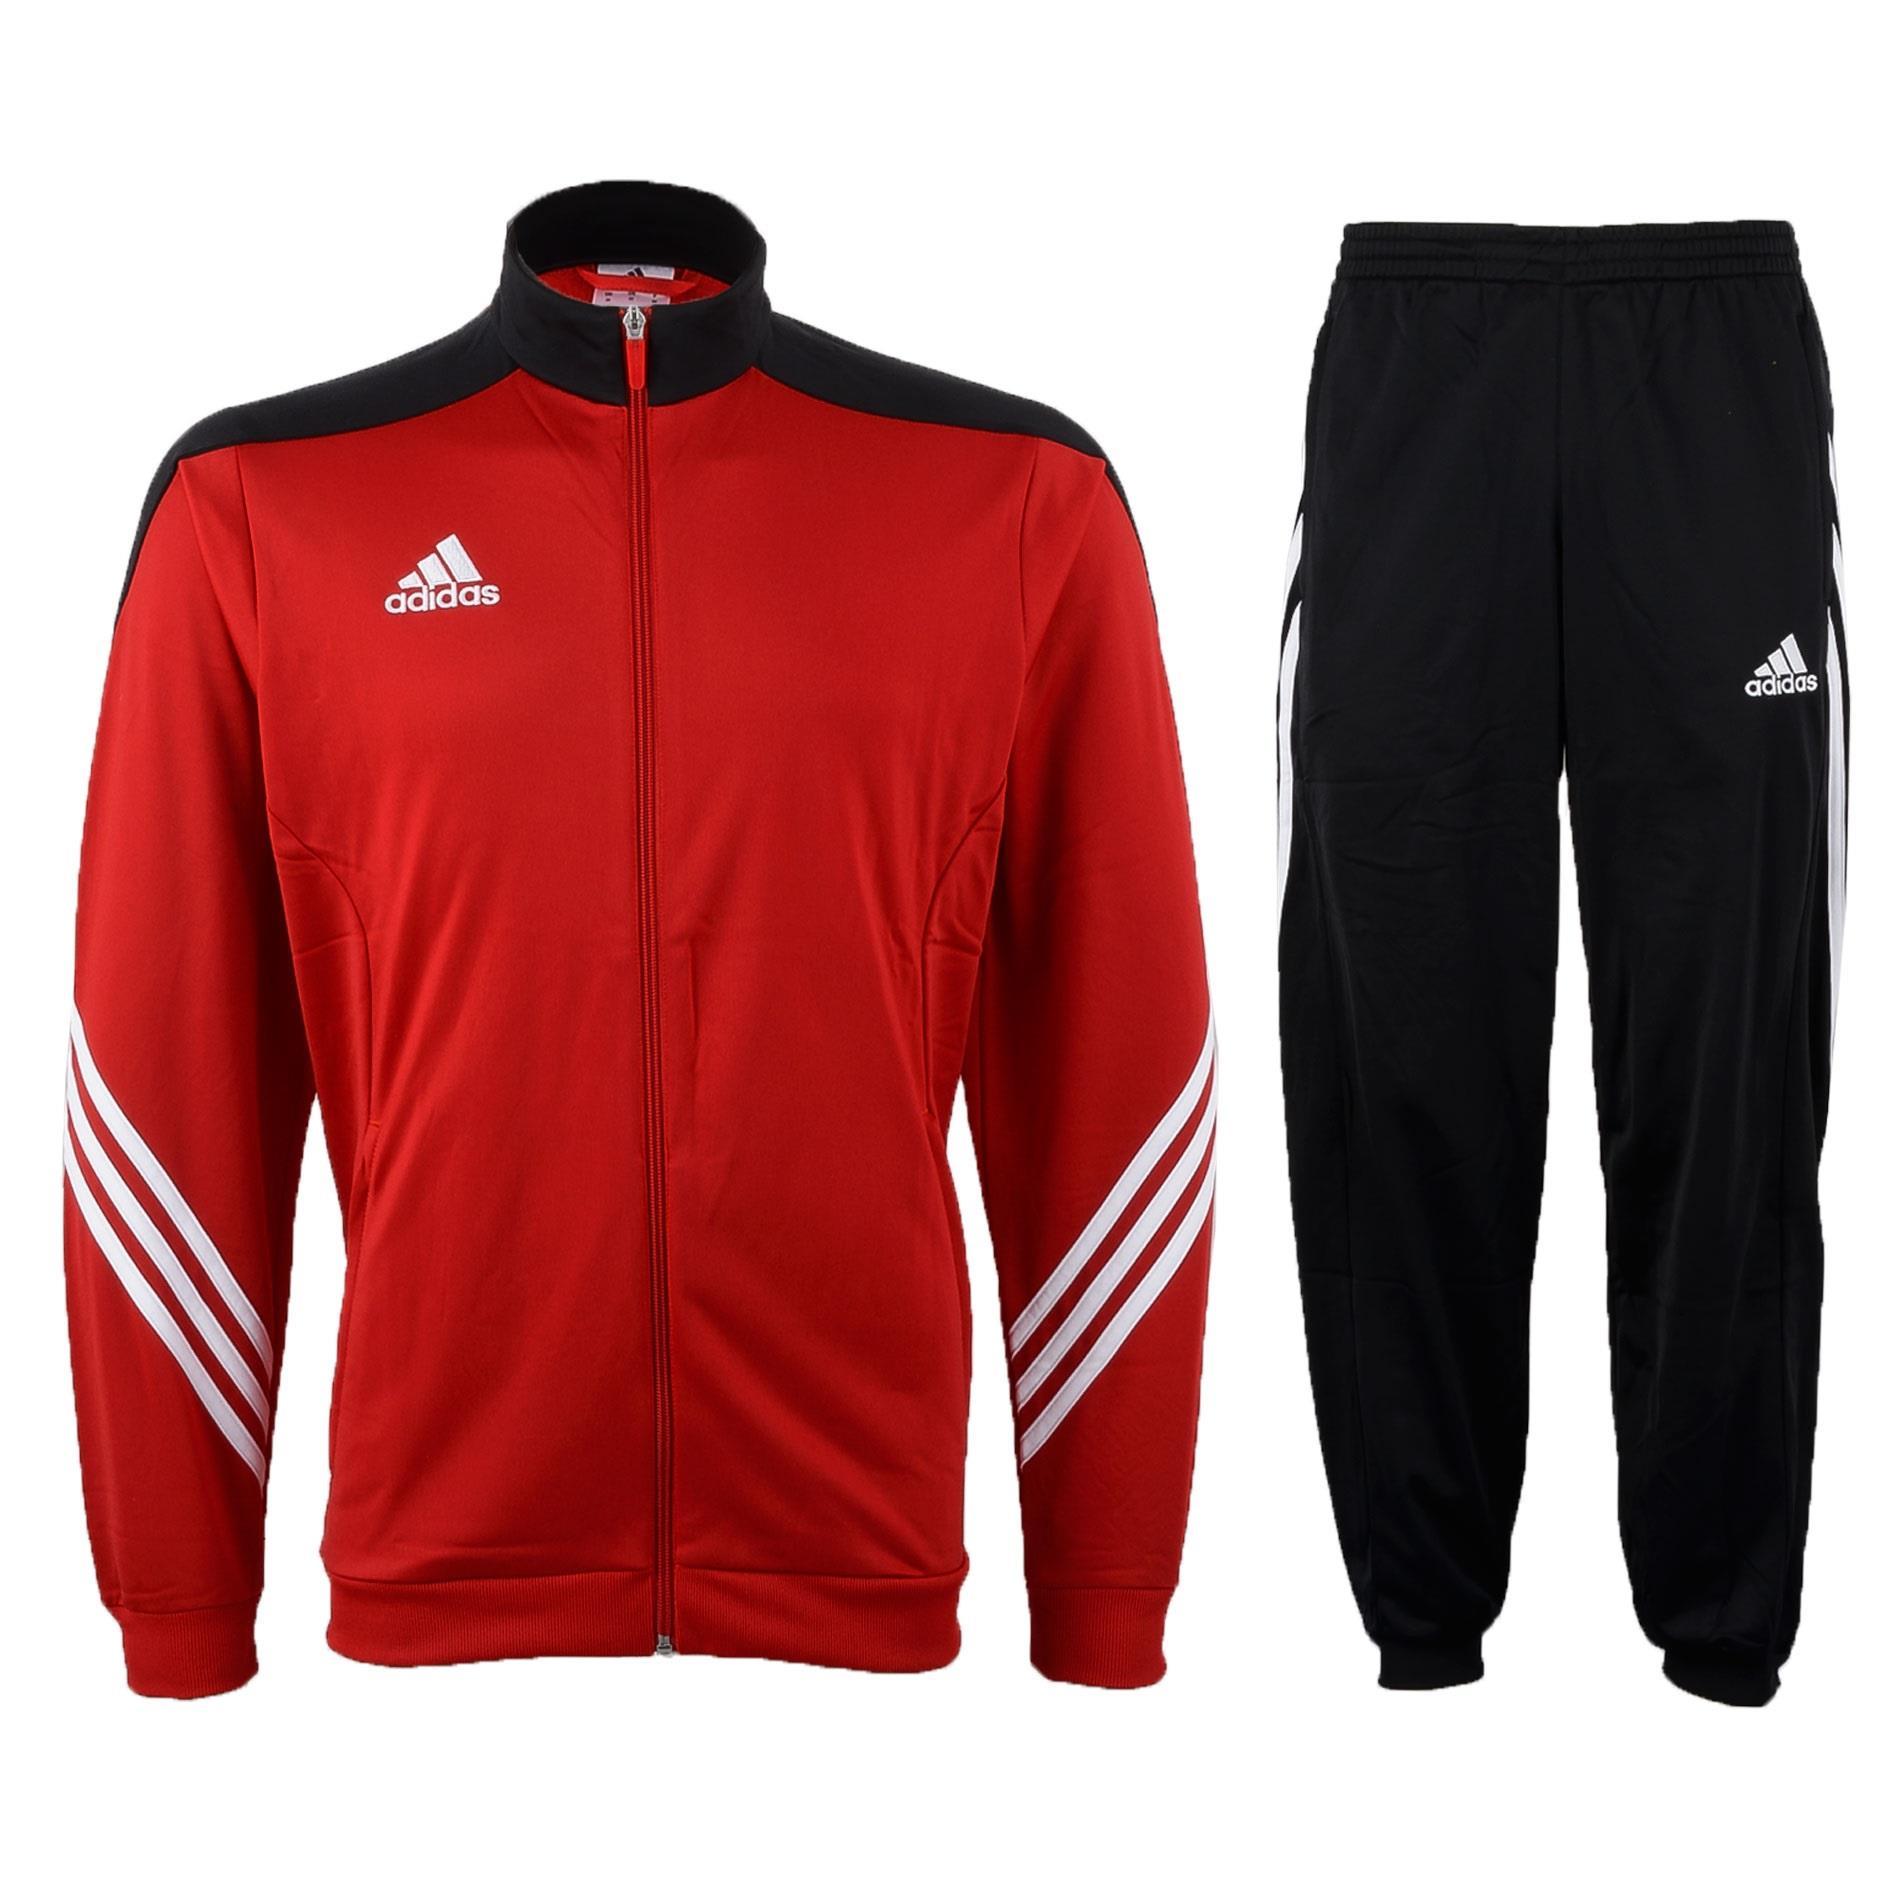 specjalne wyprzedaże sklep w Wielkiej Brytanii najlepszy hurtownik Adidas Dres Sportowy Męski Komplet L